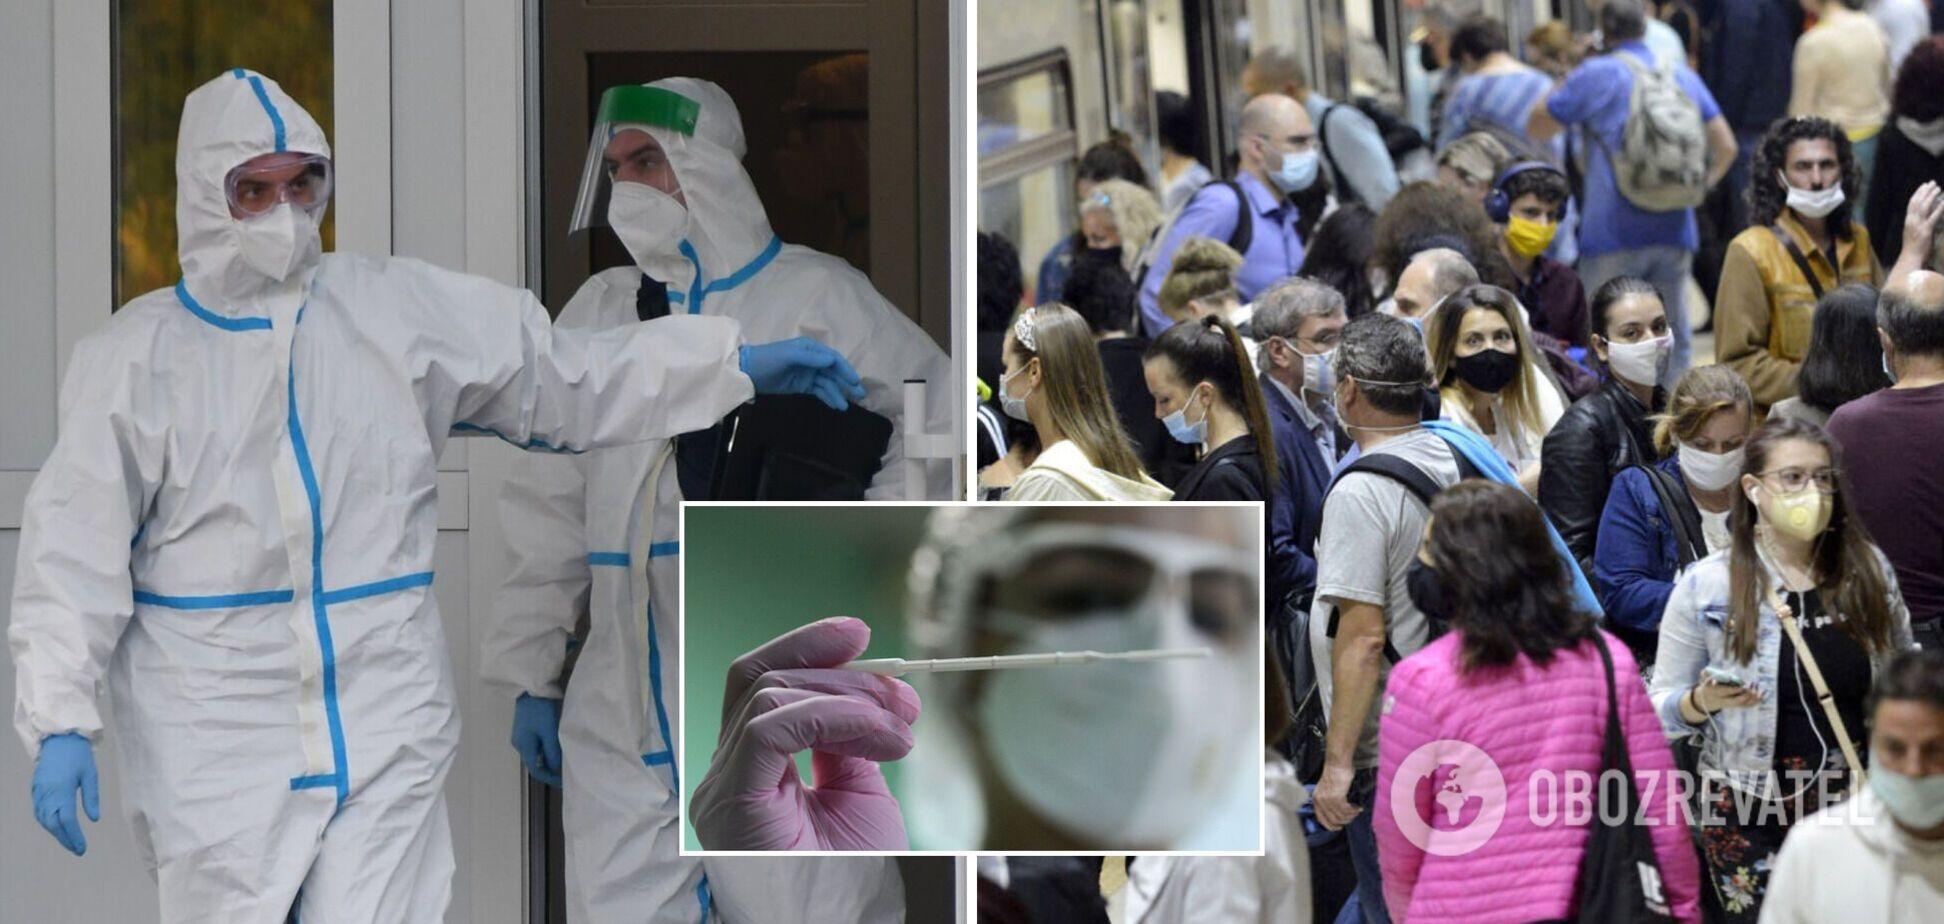 В России больной COVID-19 заразил 1,5 тыс. человек и установил 'рекорд': как это произошло